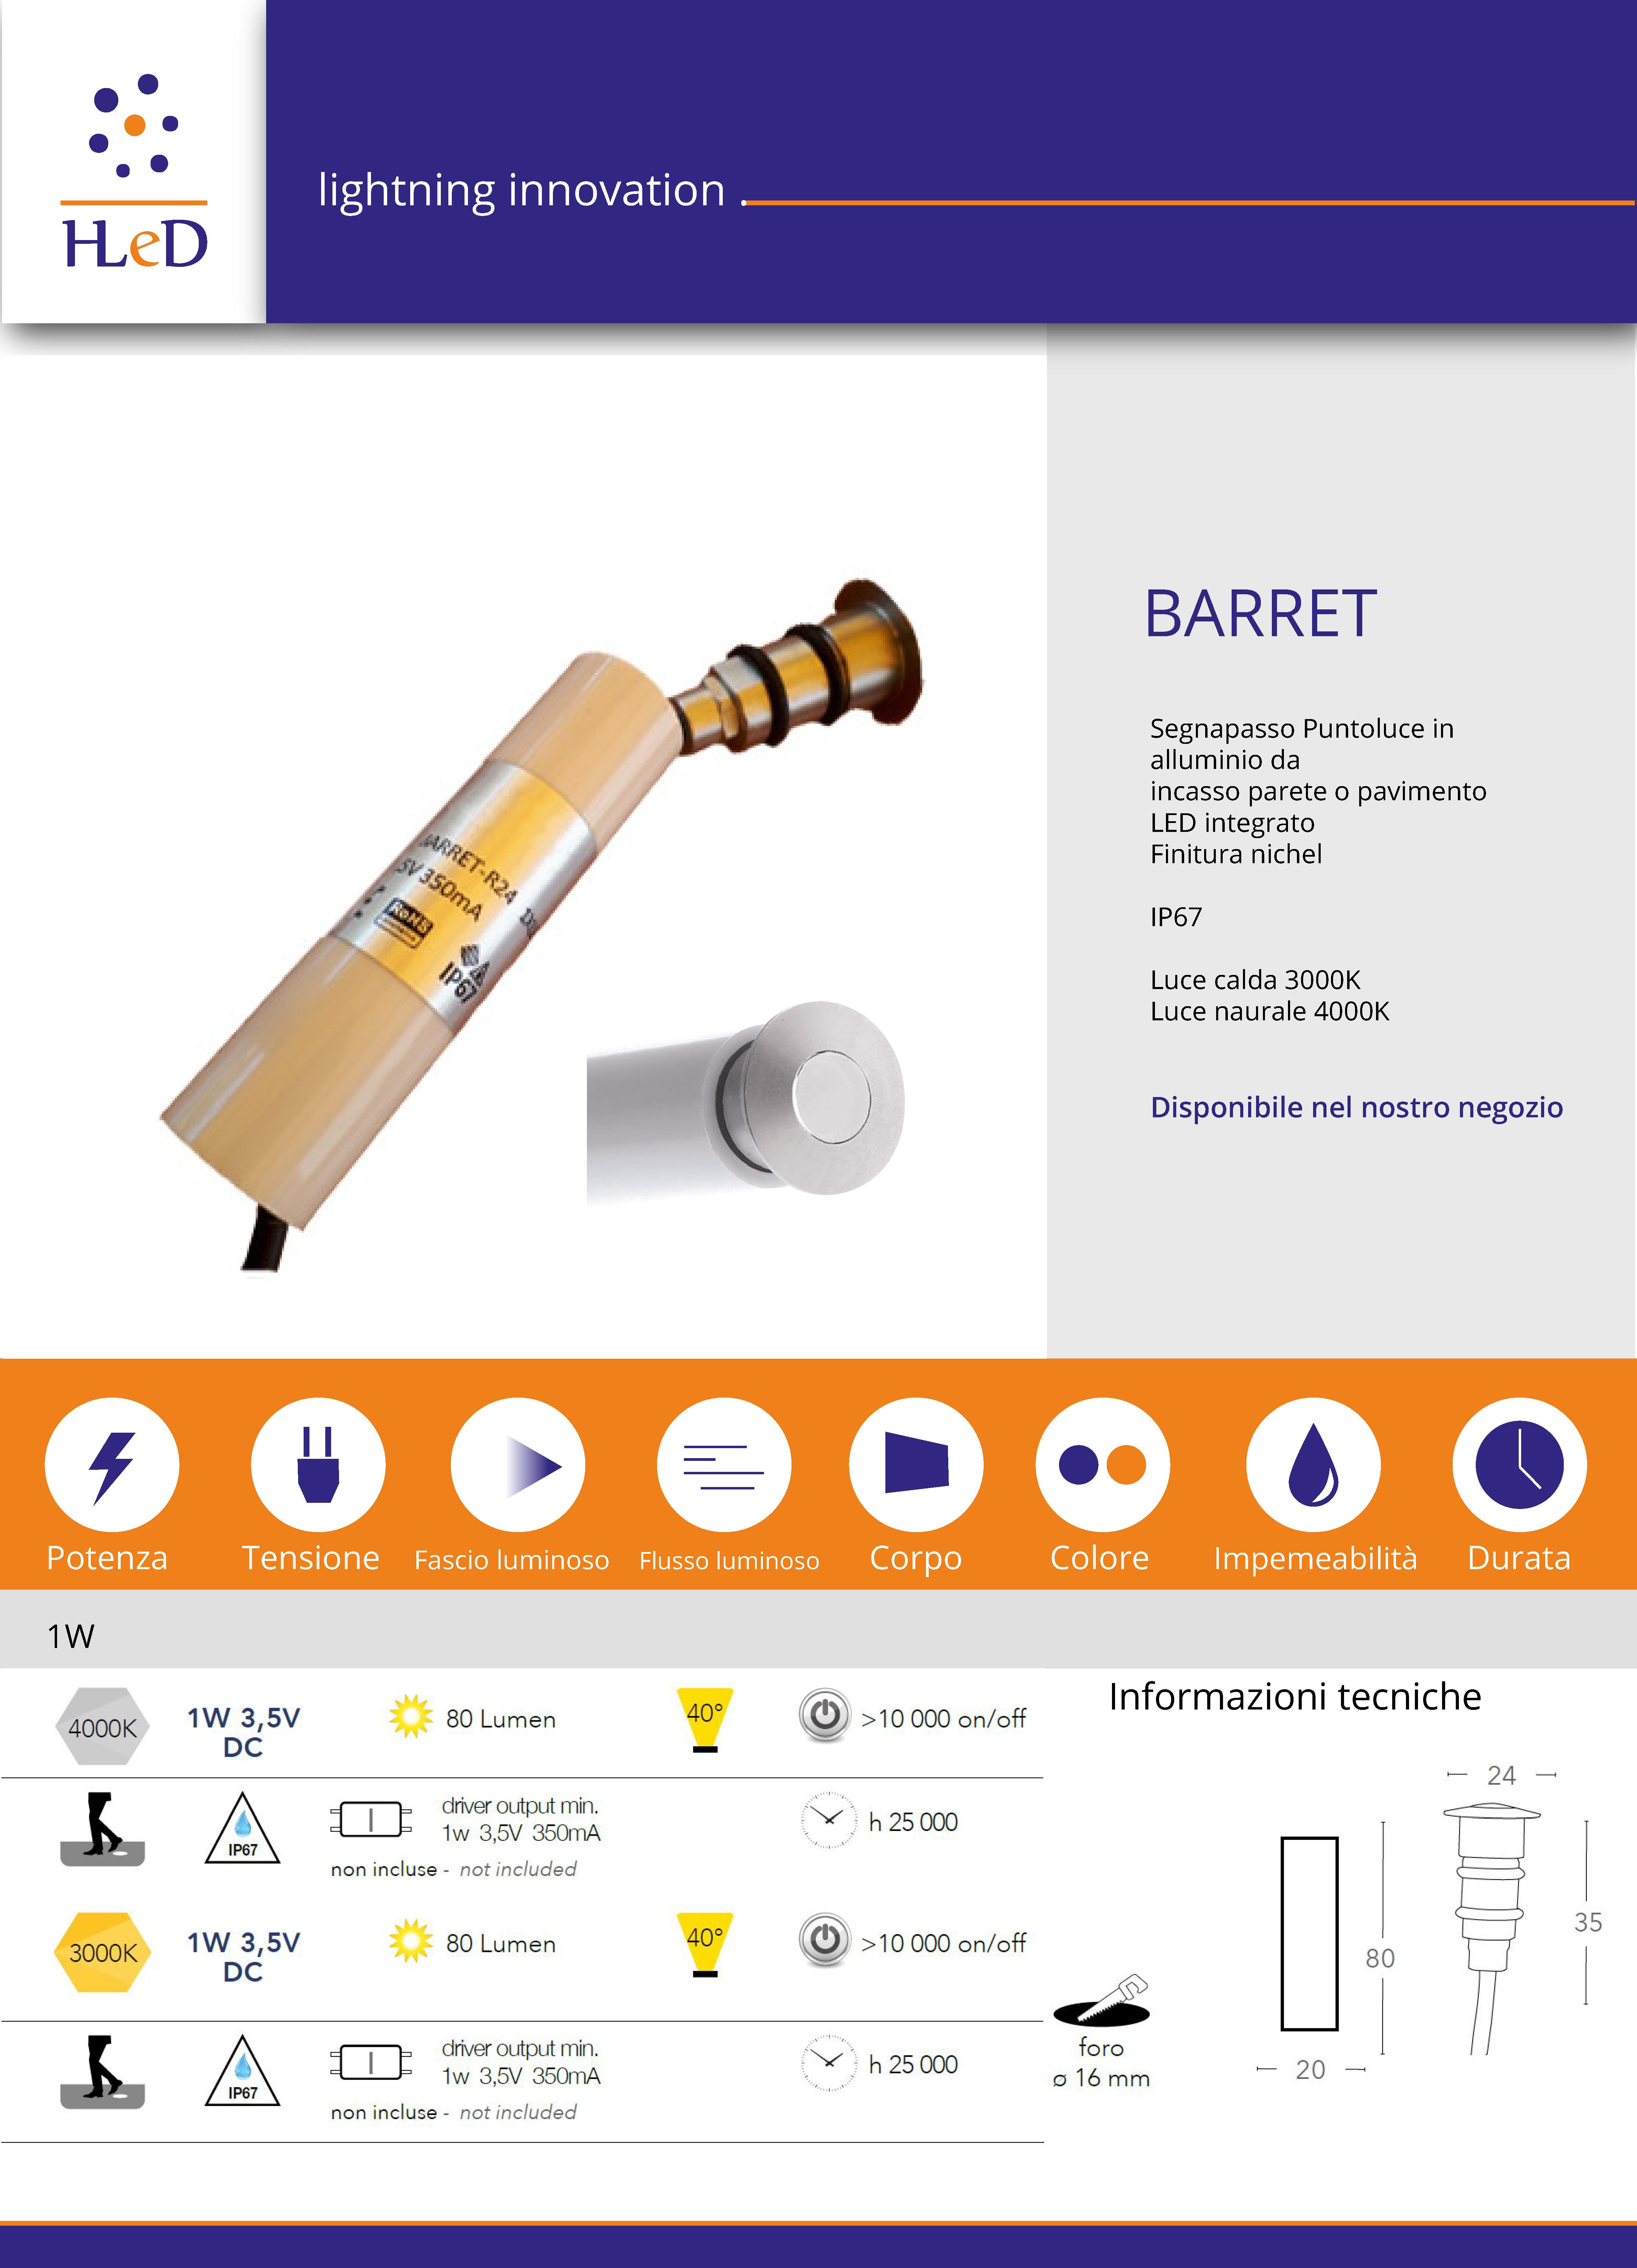 Barret r24 puntoluce incasso IP67